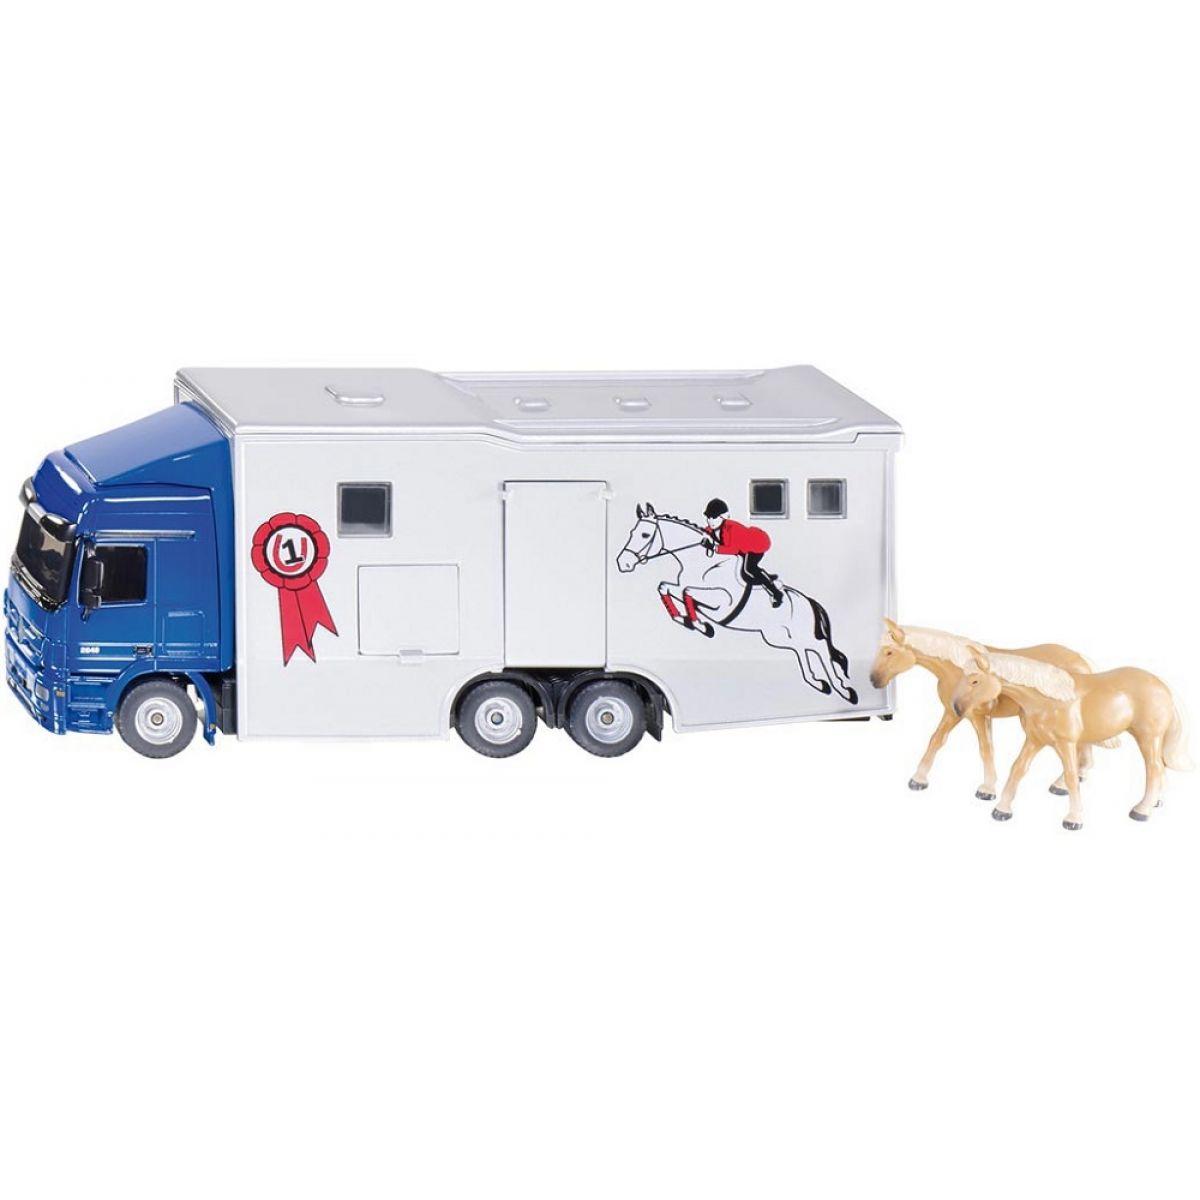 Transporter pro přepravu koní 1:50